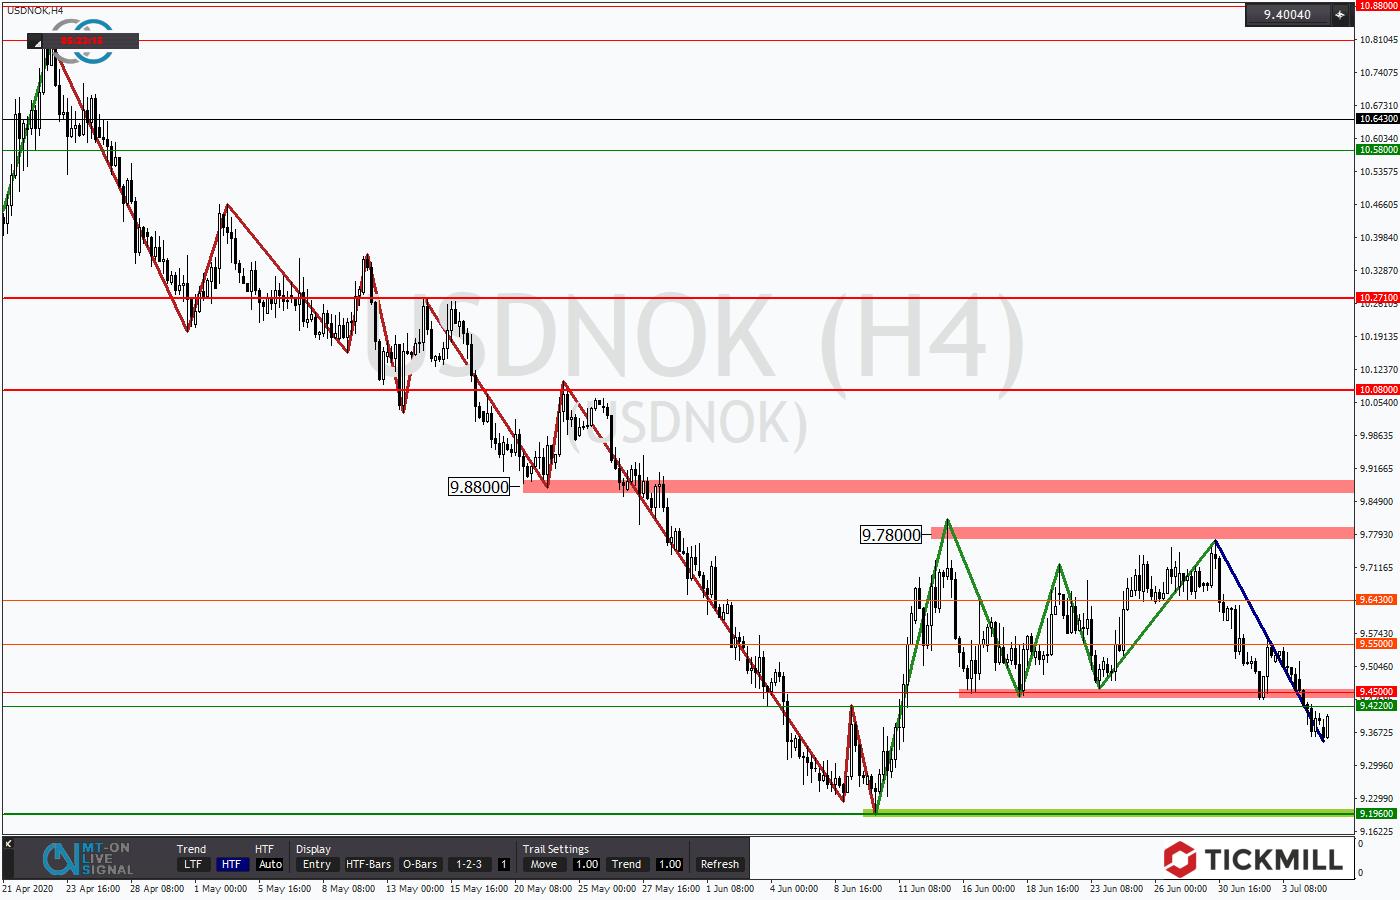 Tickmill-Analyse: USDNOK mit Rangeausbruch